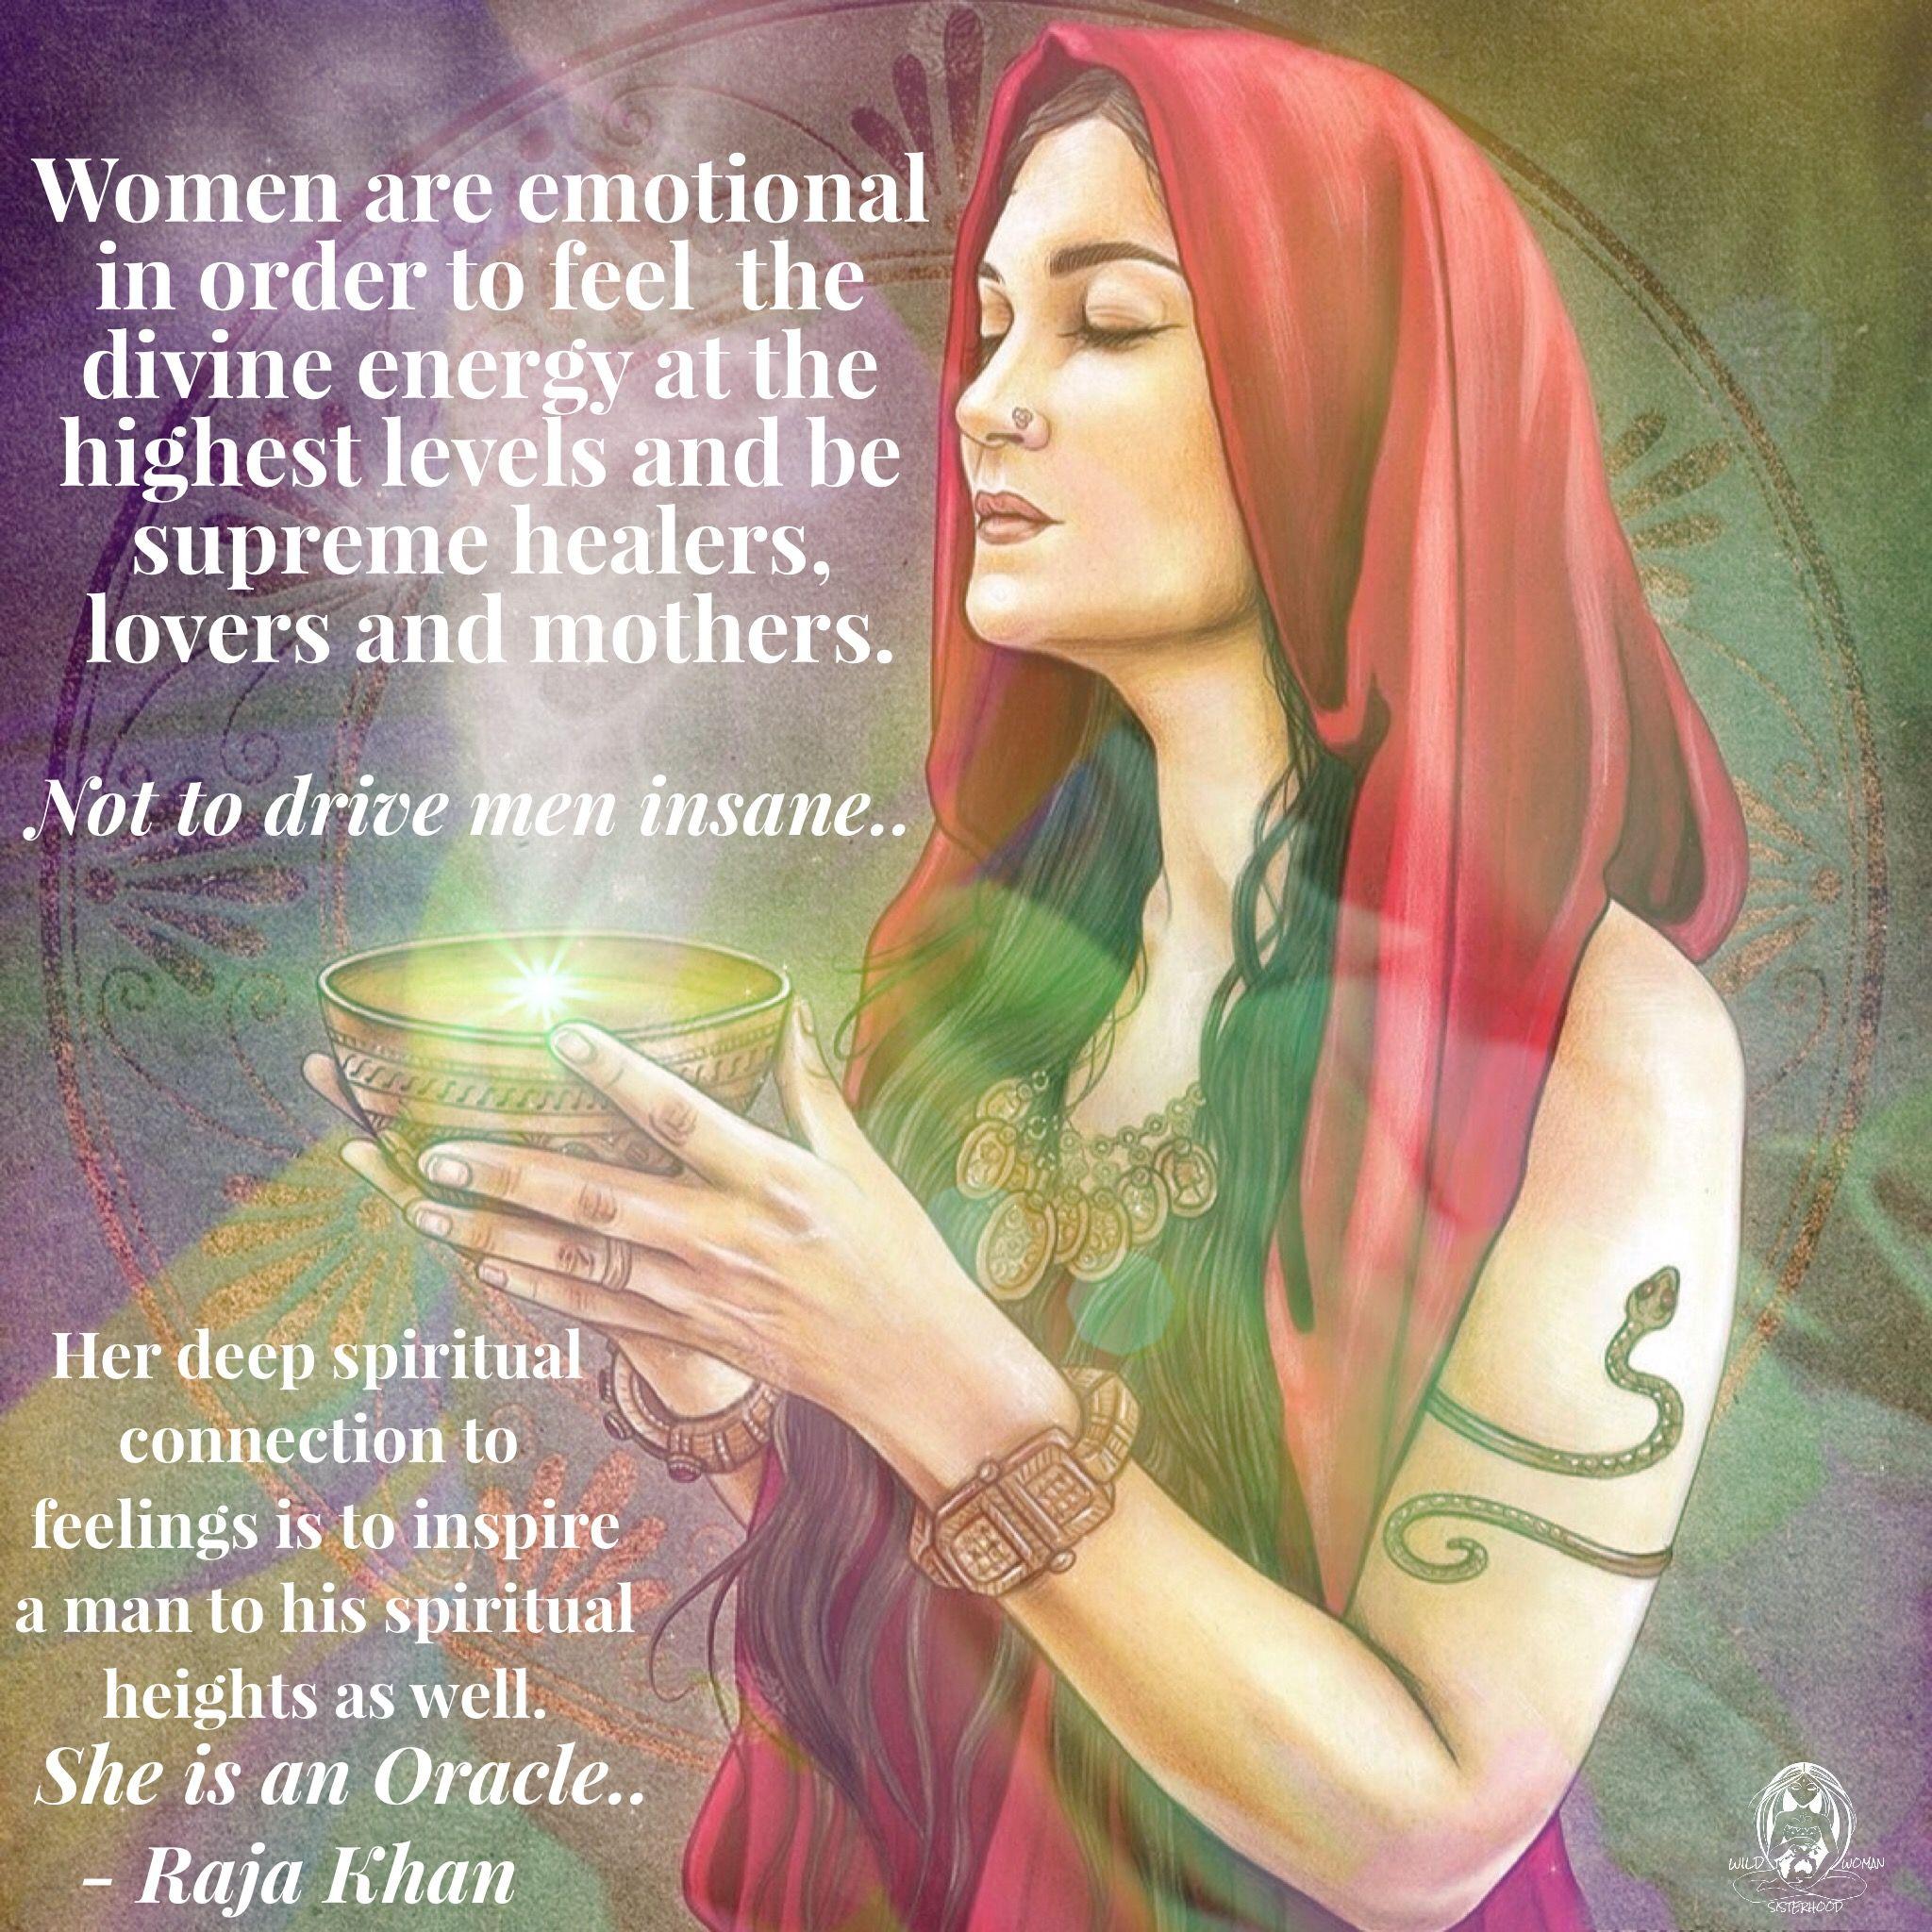 Les femmes sont émotives pour se sentir à l'énergie divine-6806